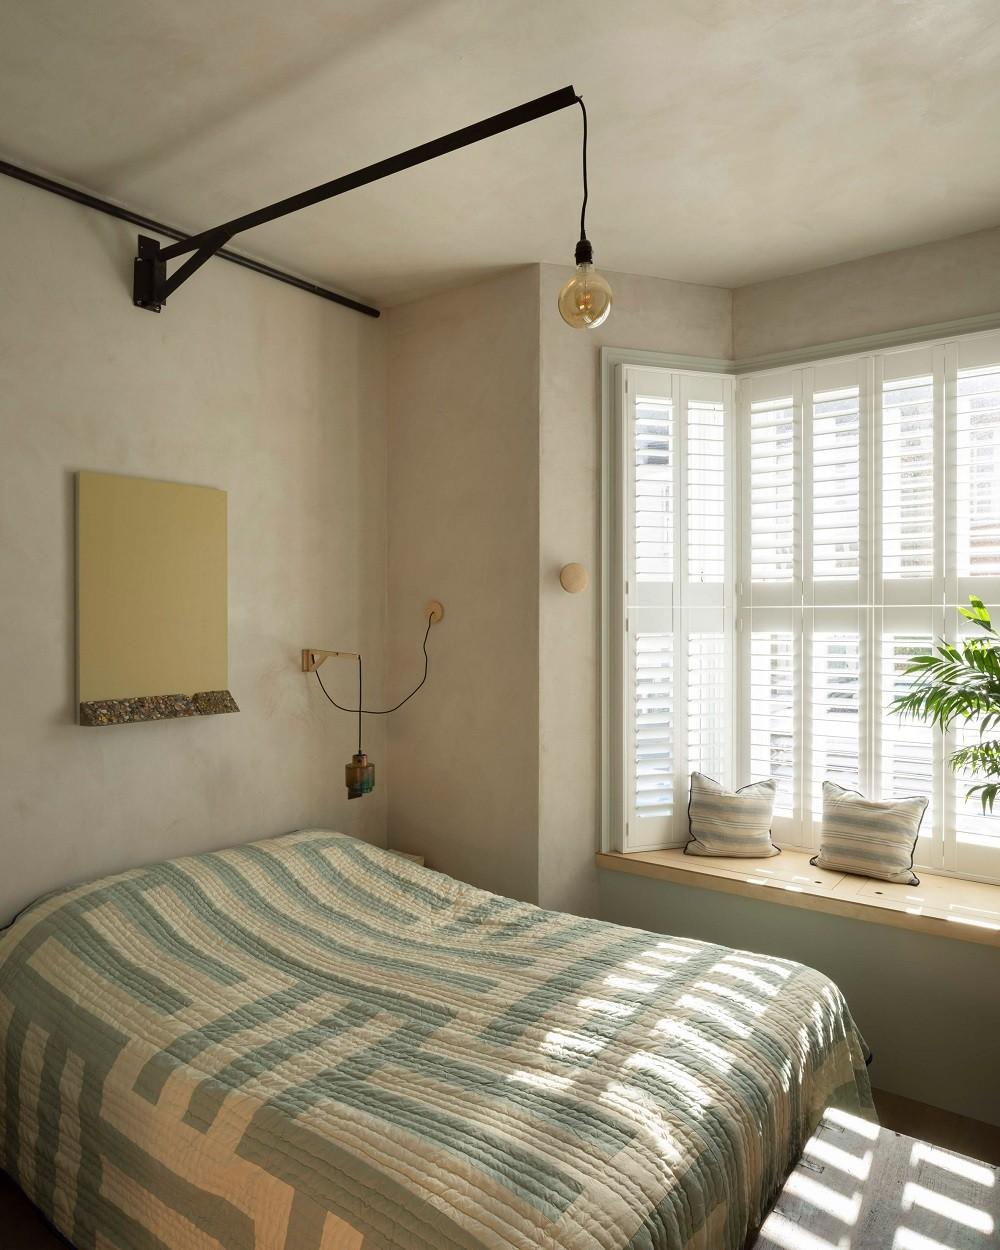 Uma luz de pivô de aço preto é responsável pela sutil iluminação artificial do quarto, assim como em outros ambientes da casa (Foto: Ståle Eriksen/Reprodução)